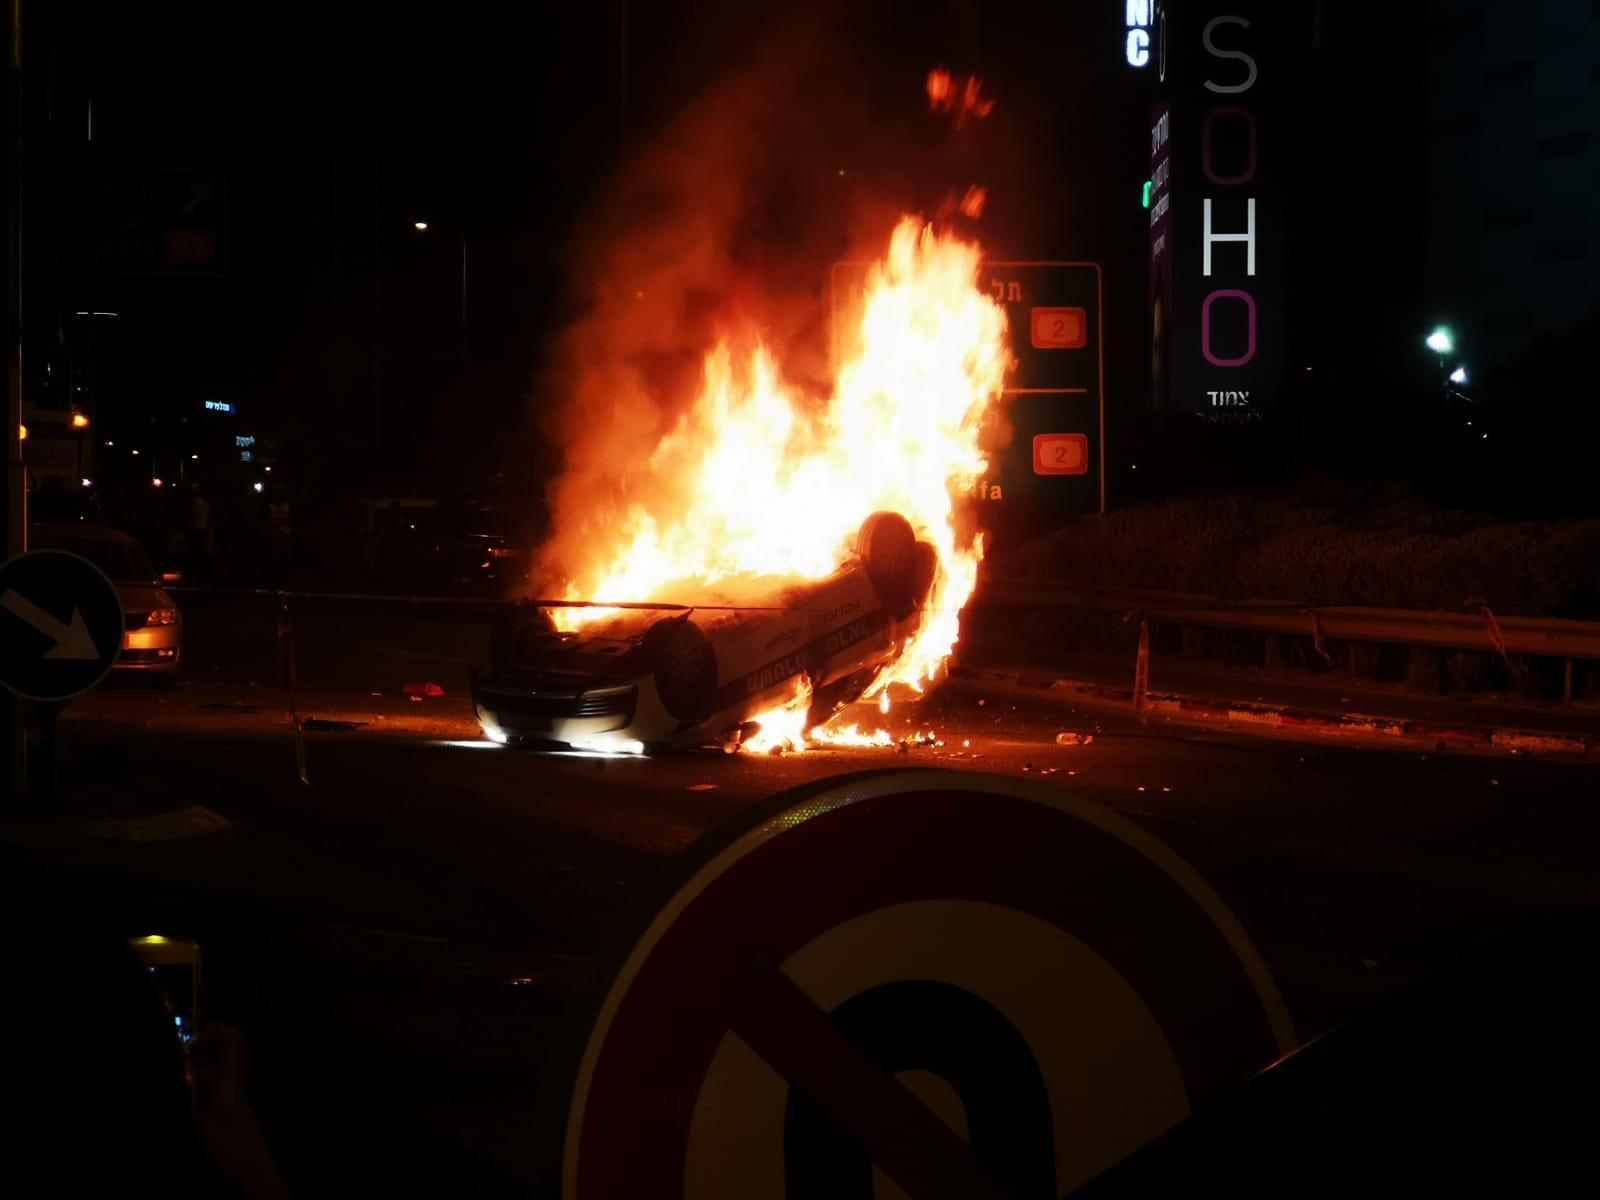 ניידת משטרה עולה באש ומוצתת. צילום: דוברות המשטרה